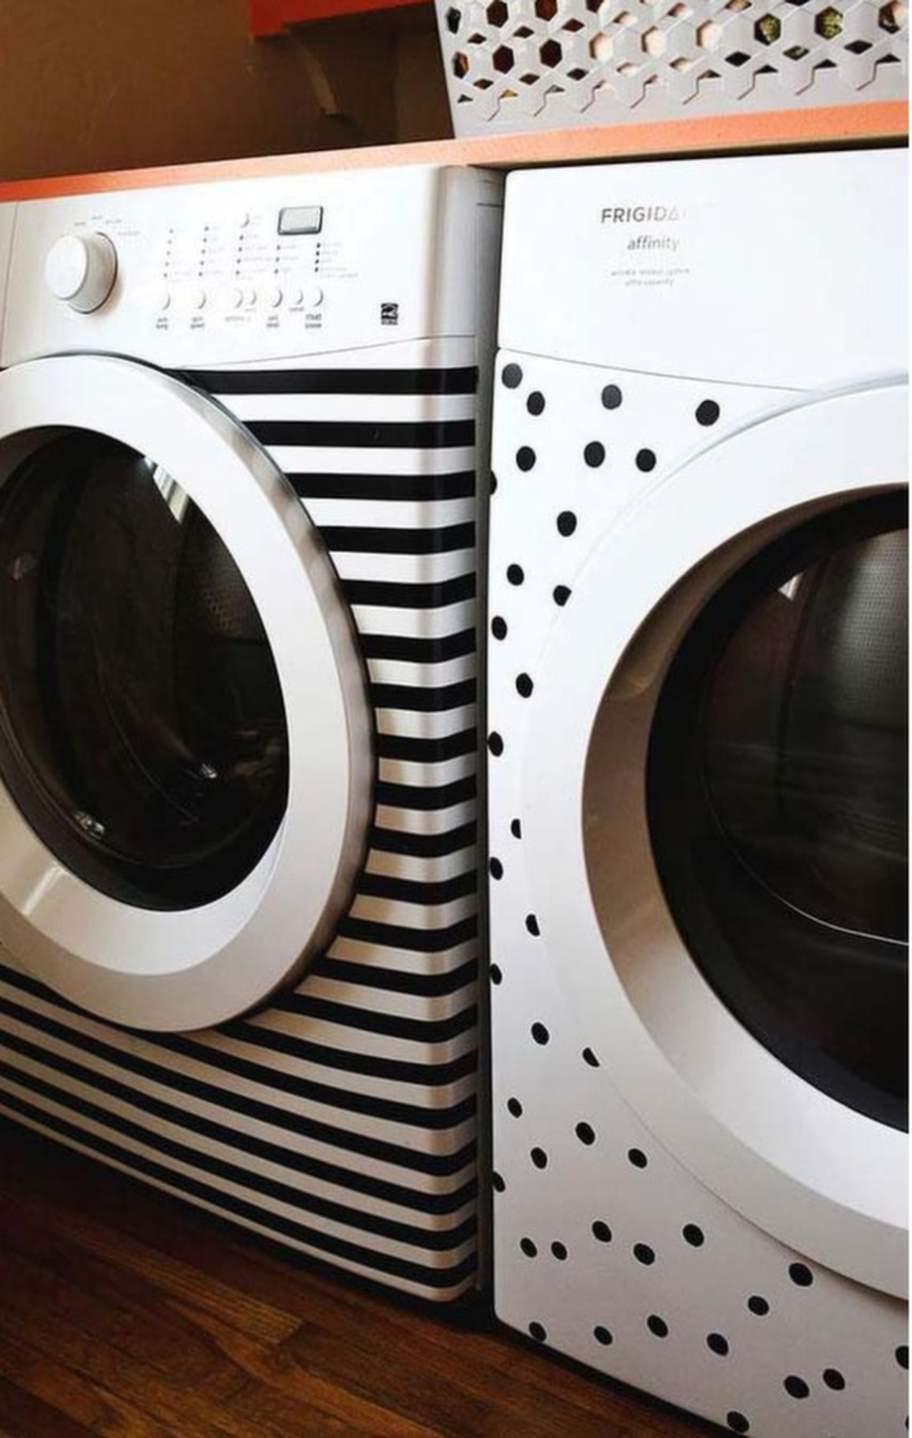 Dekorera din tråkiga diskmaskin med tejp eller klistermärken.